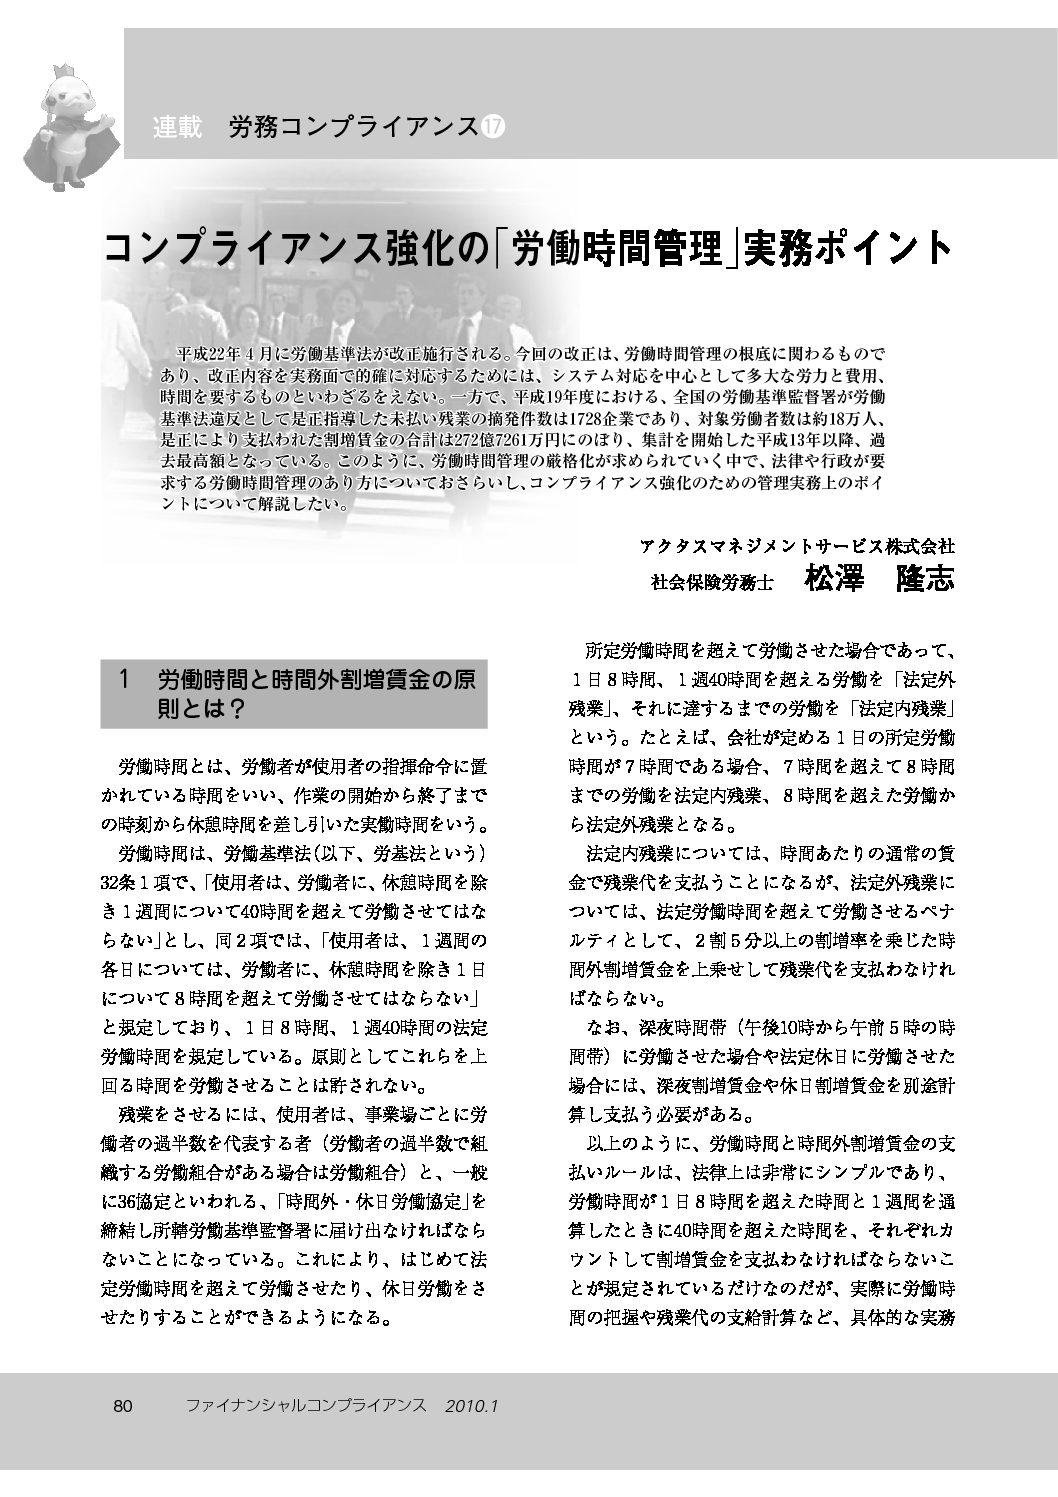 労務コンプライアンス(第17回) コンプライアンス強化の「労働時間管理」実務ポイント